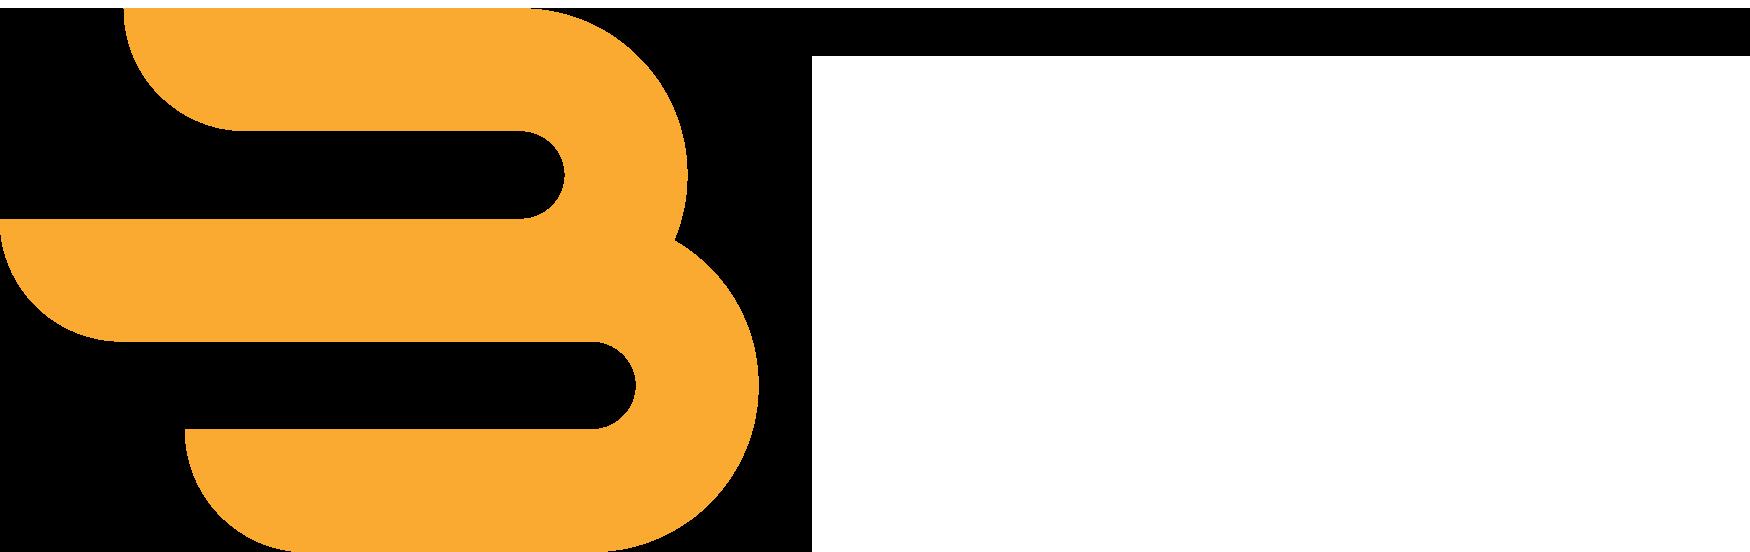 Barizan-Web-Dark header